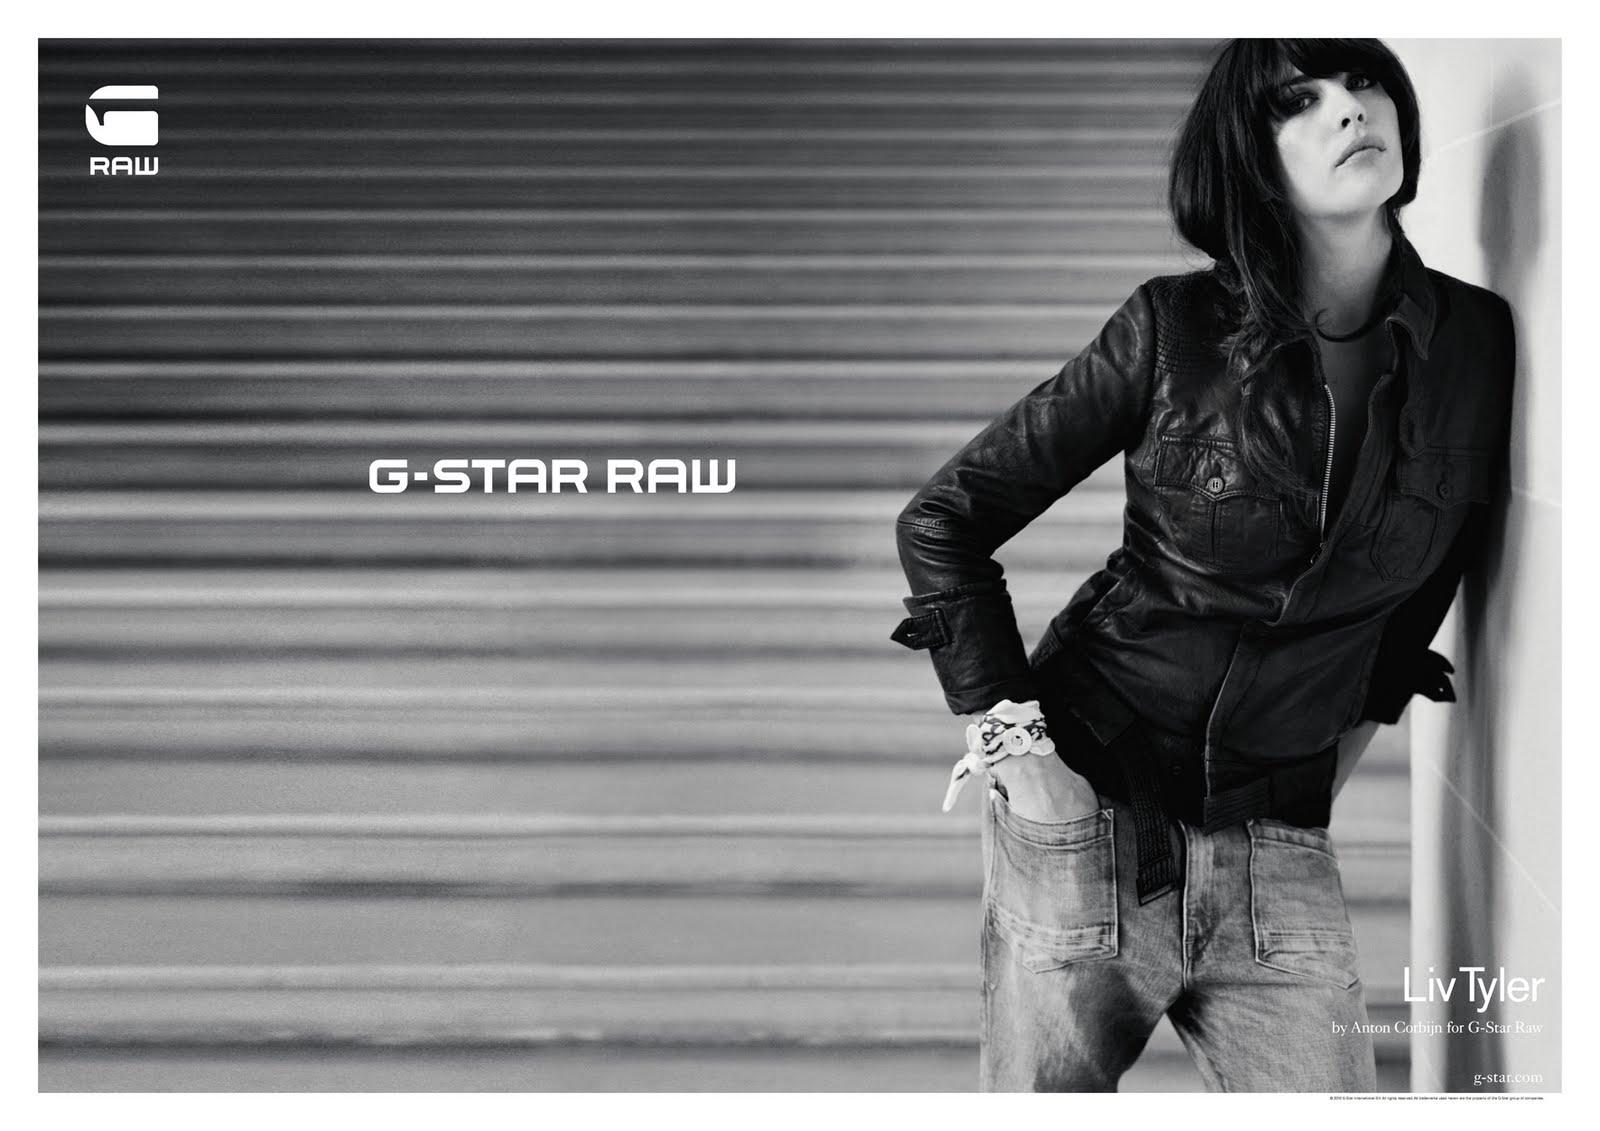 http://2.bp.blogspot.com/_uzFWpD8cK60/S4k5qGpesnI/AAAAAAAANlY/p4QlAqGtkj8/s1600/65841_G-STAR_SPRING4SUMMER_2010_ADVERTISING_d5b_122_217lo~0.jpg